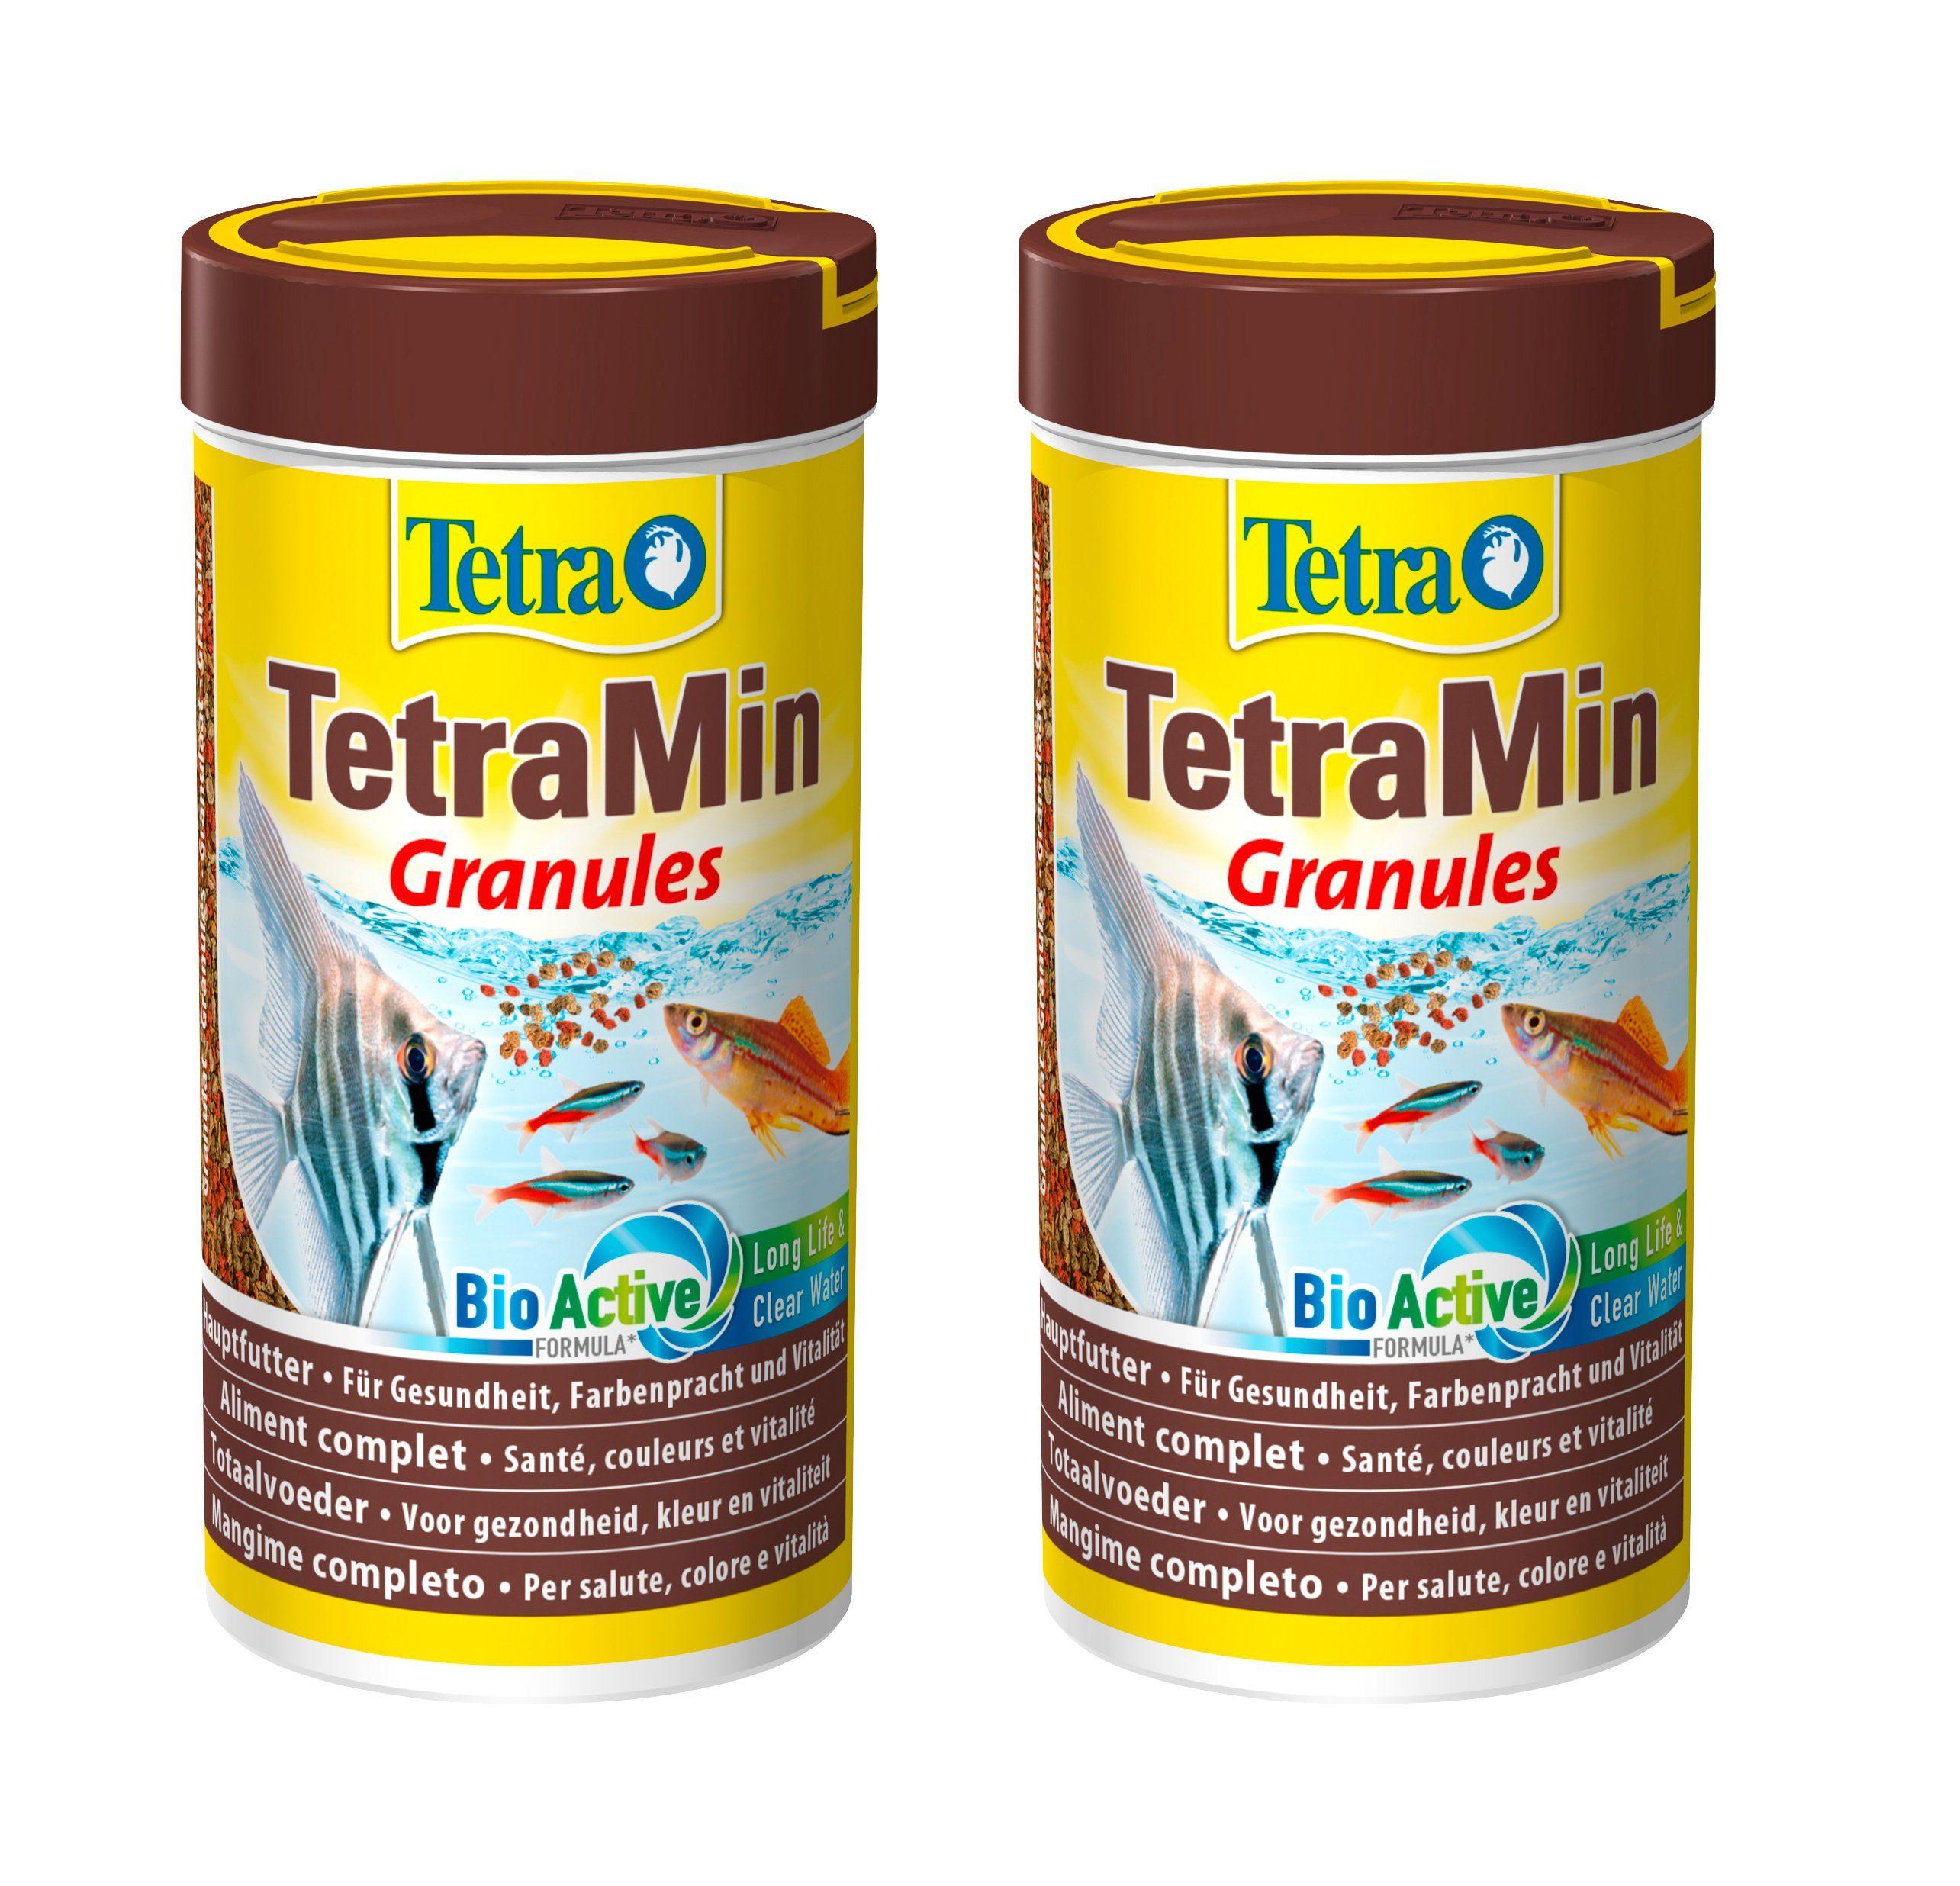 TETRA Fischfutter »TetraMin Granules«, 2x250 ml